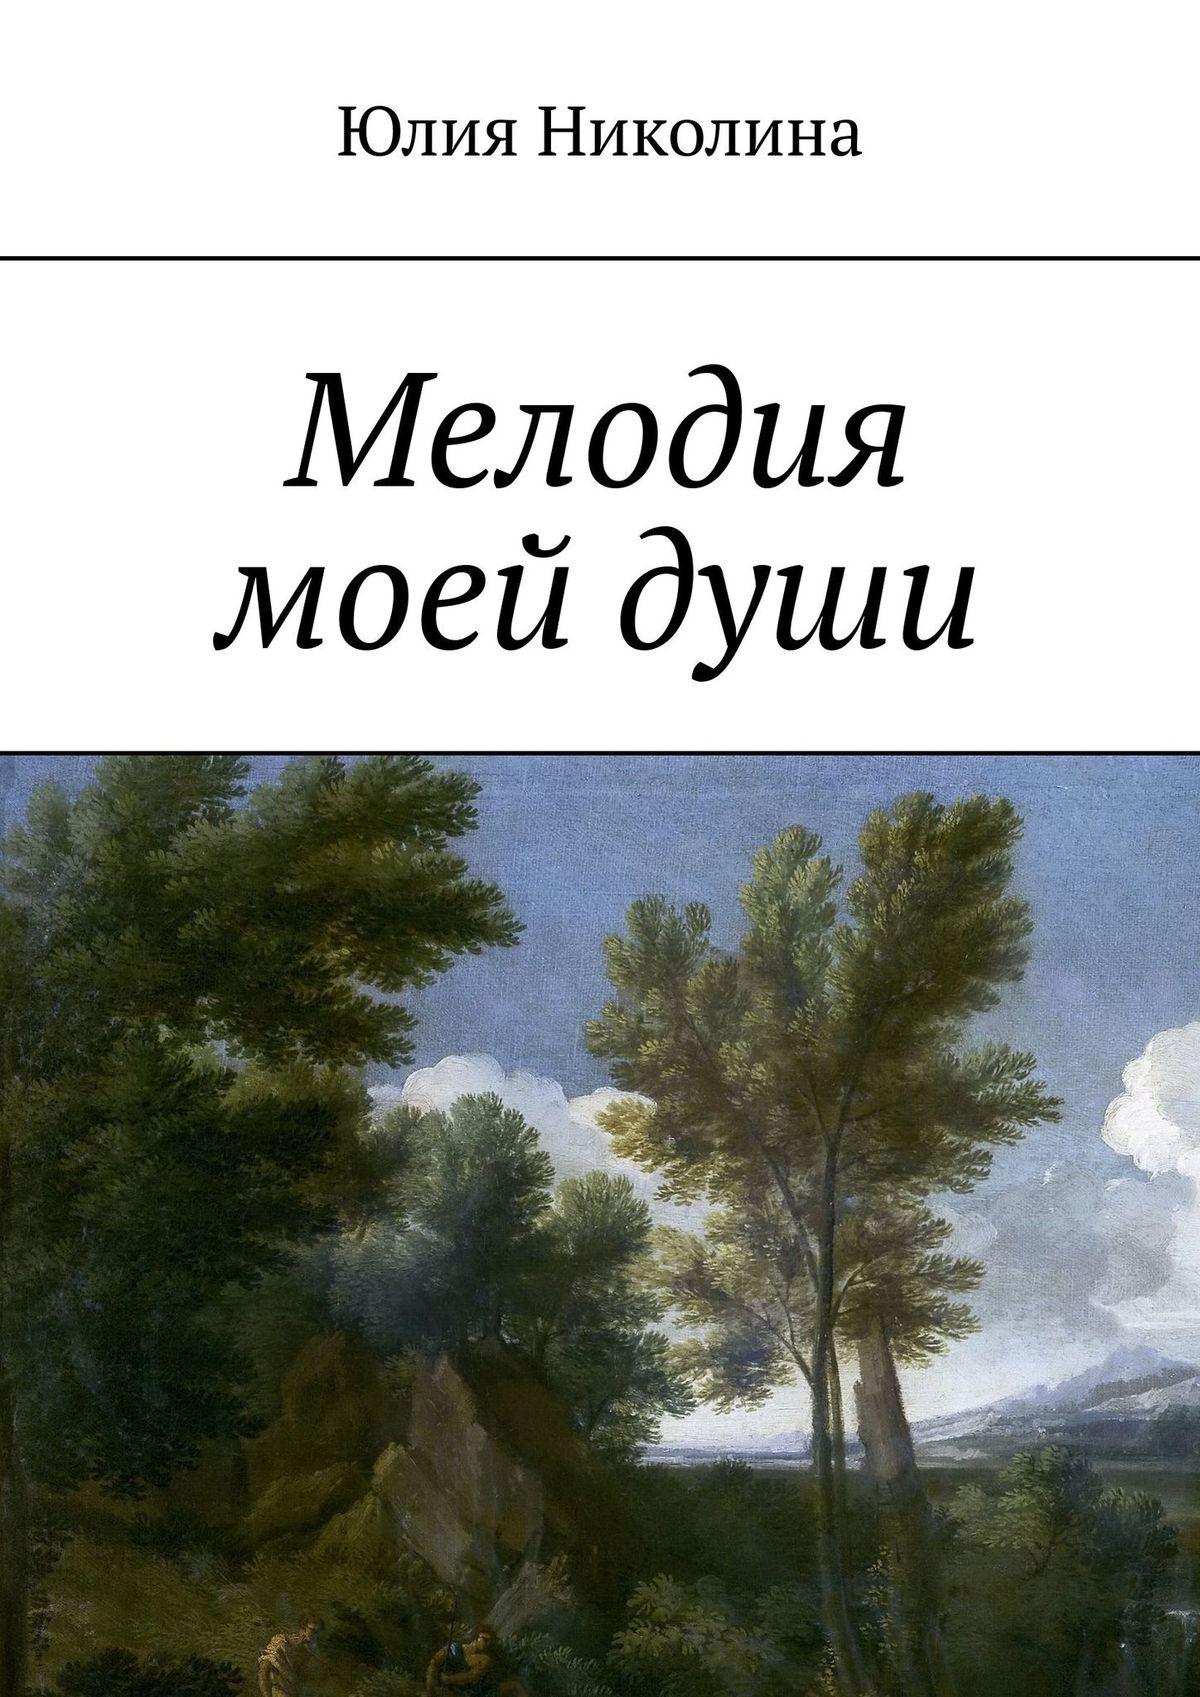 Юлия Николина Мелодия моей души юлия александровна лаврова любовь – это… 50женских мыслей олюбви чувствамоей души исердца